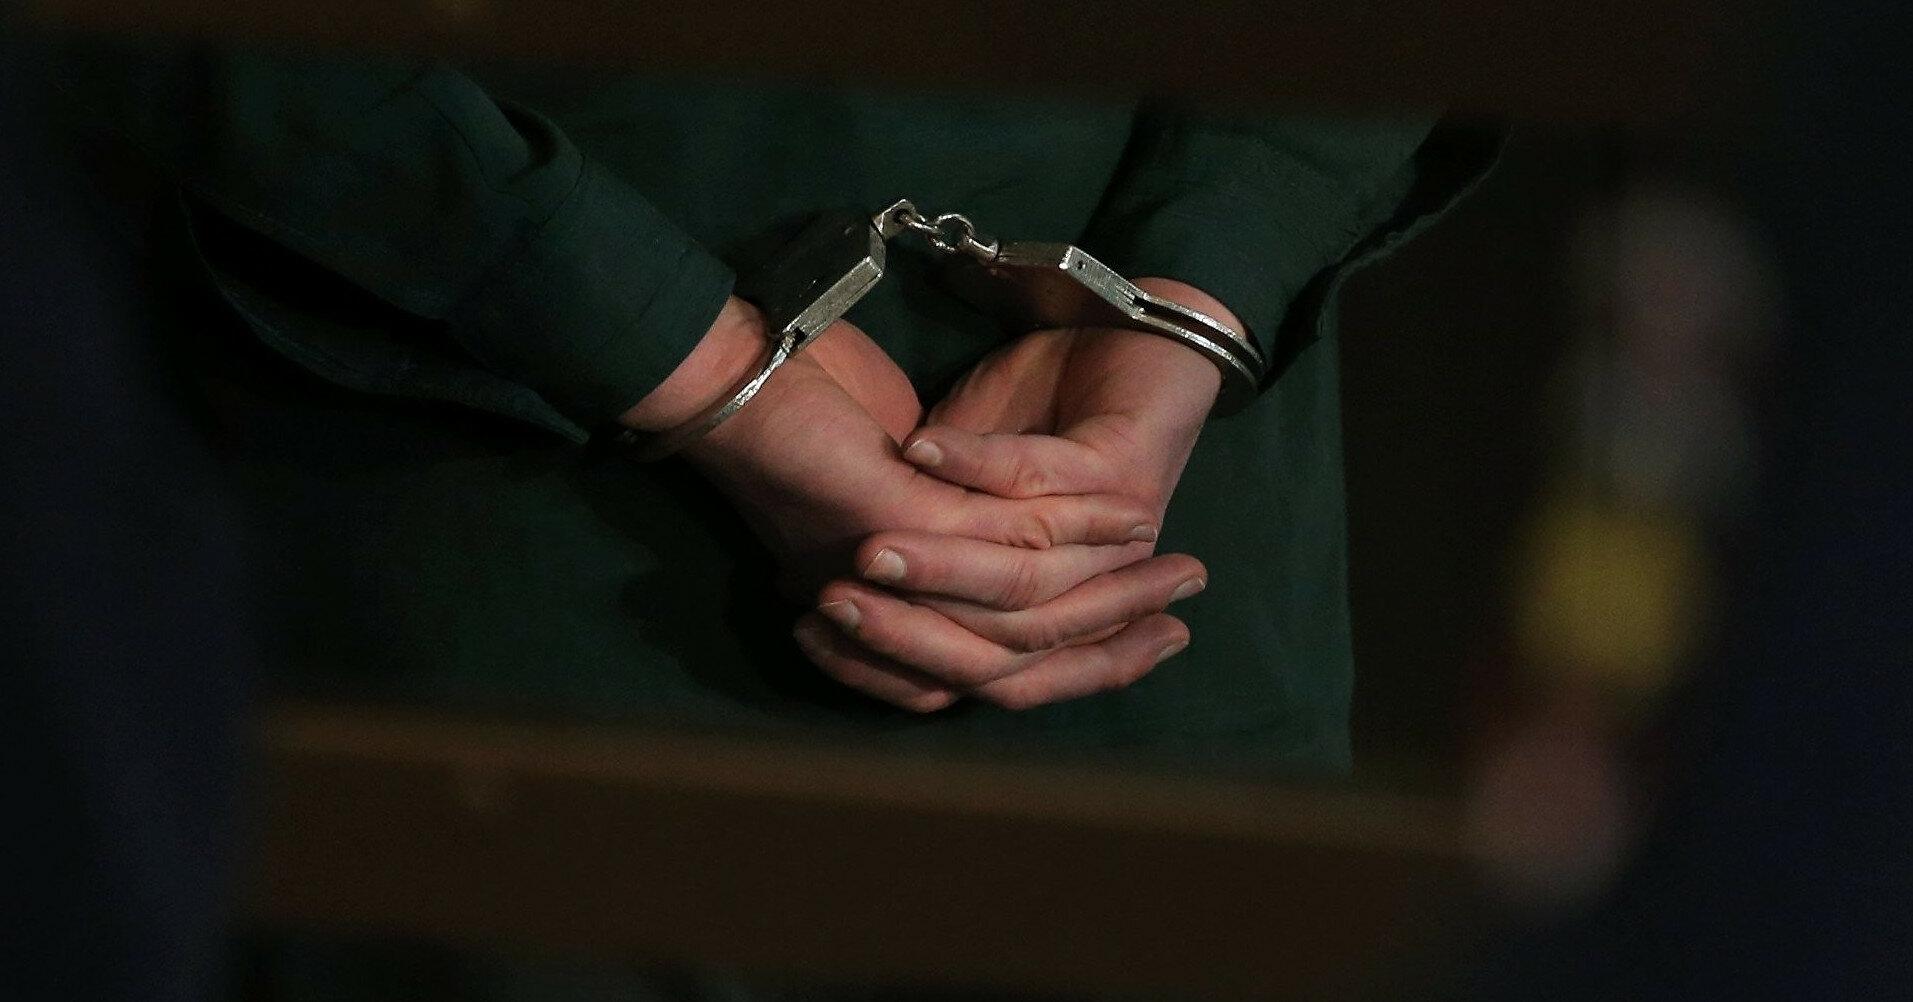 В Британии возле места проведения саммита задержали 7 человек